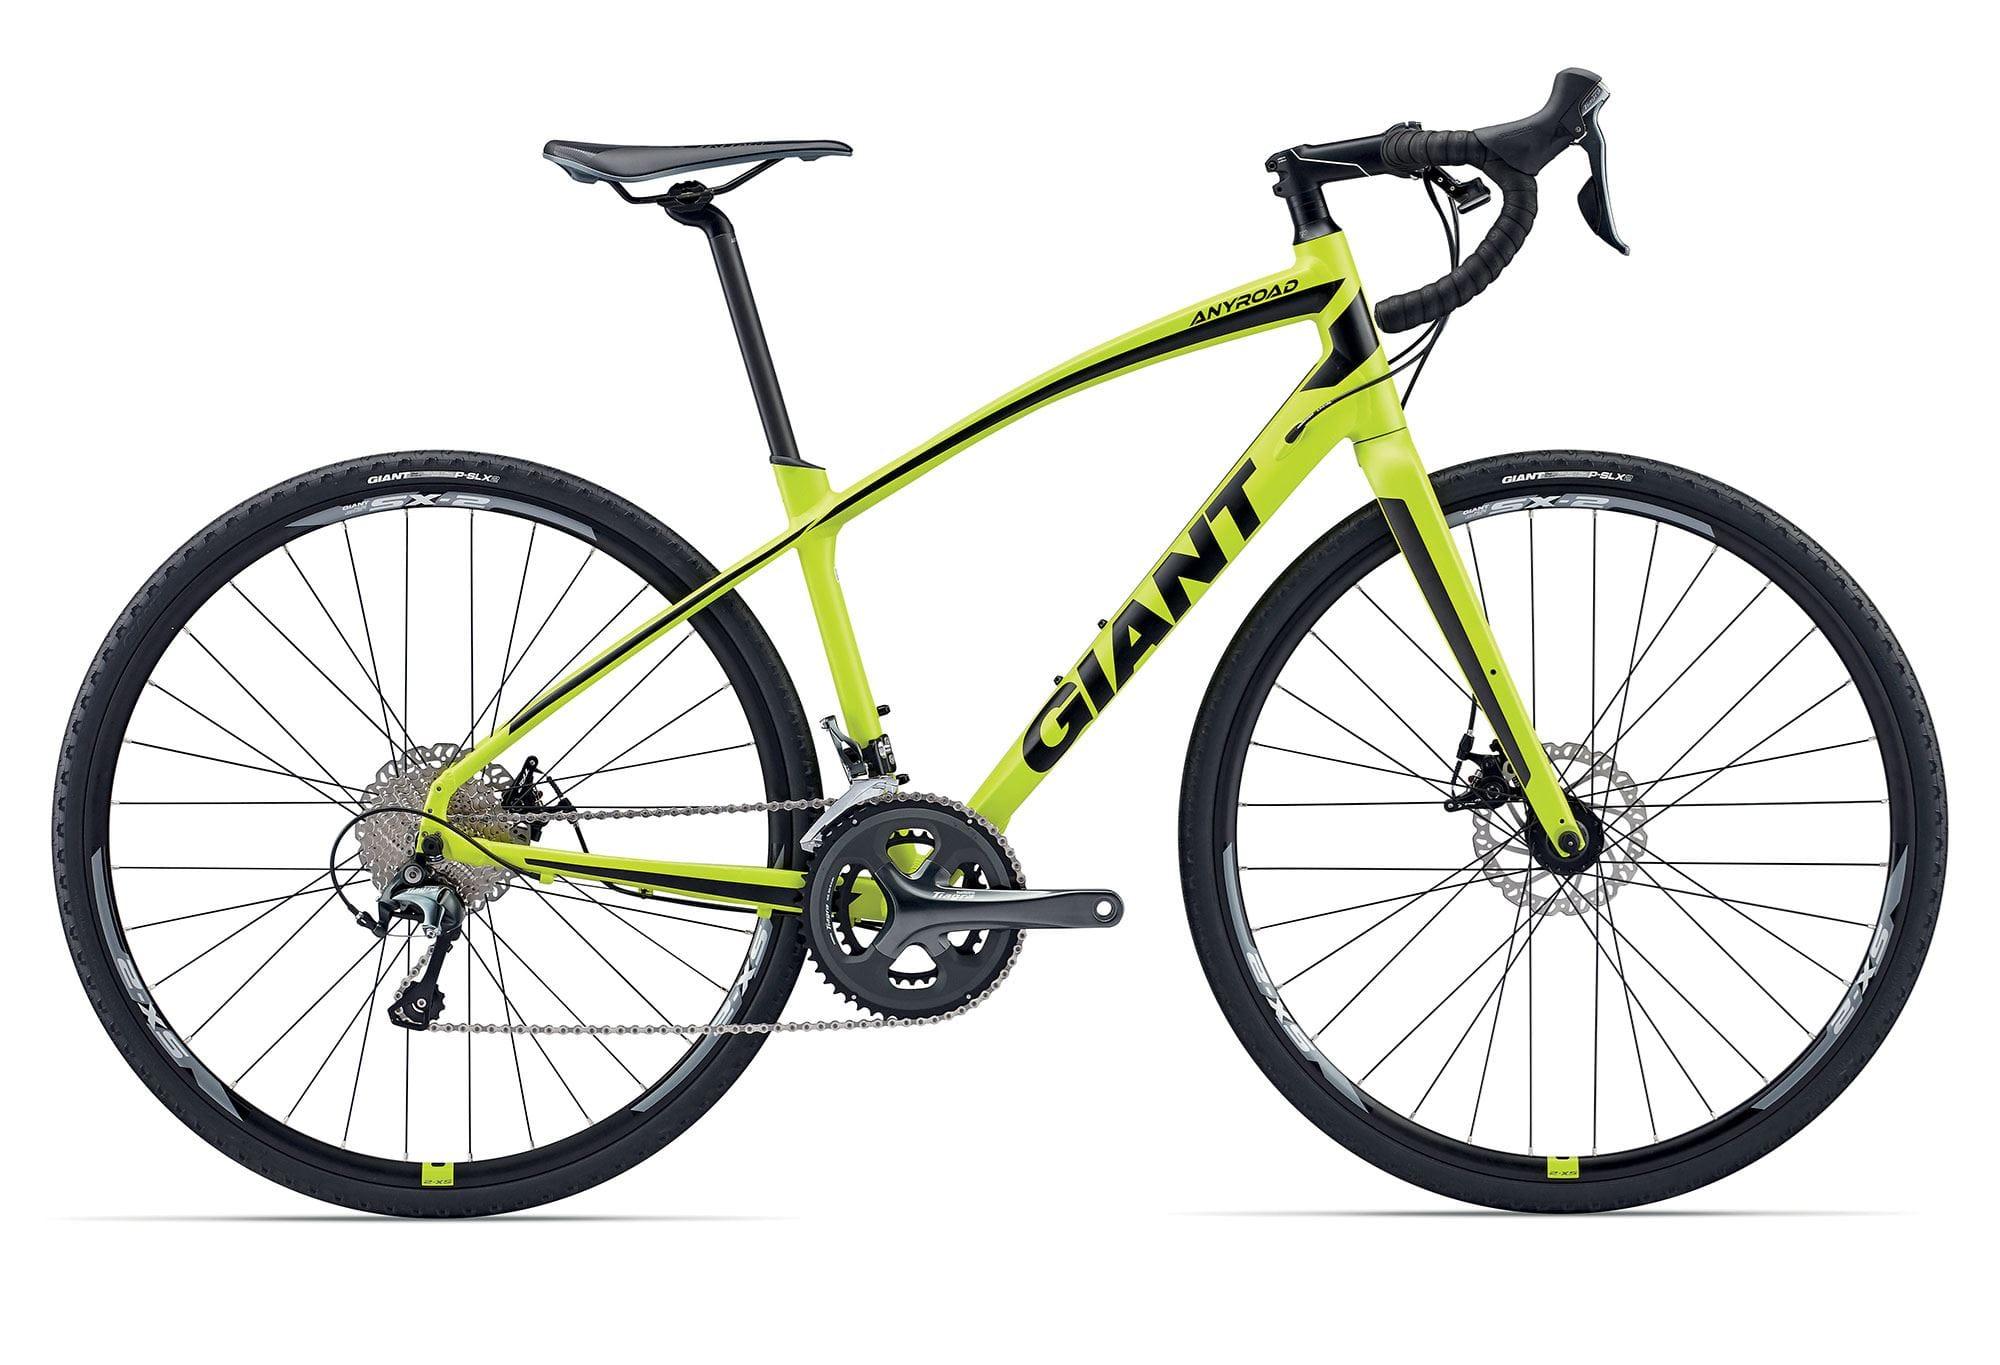 Giant Anyroad 1 Gravel Bike 2017 All Terrain Cycles